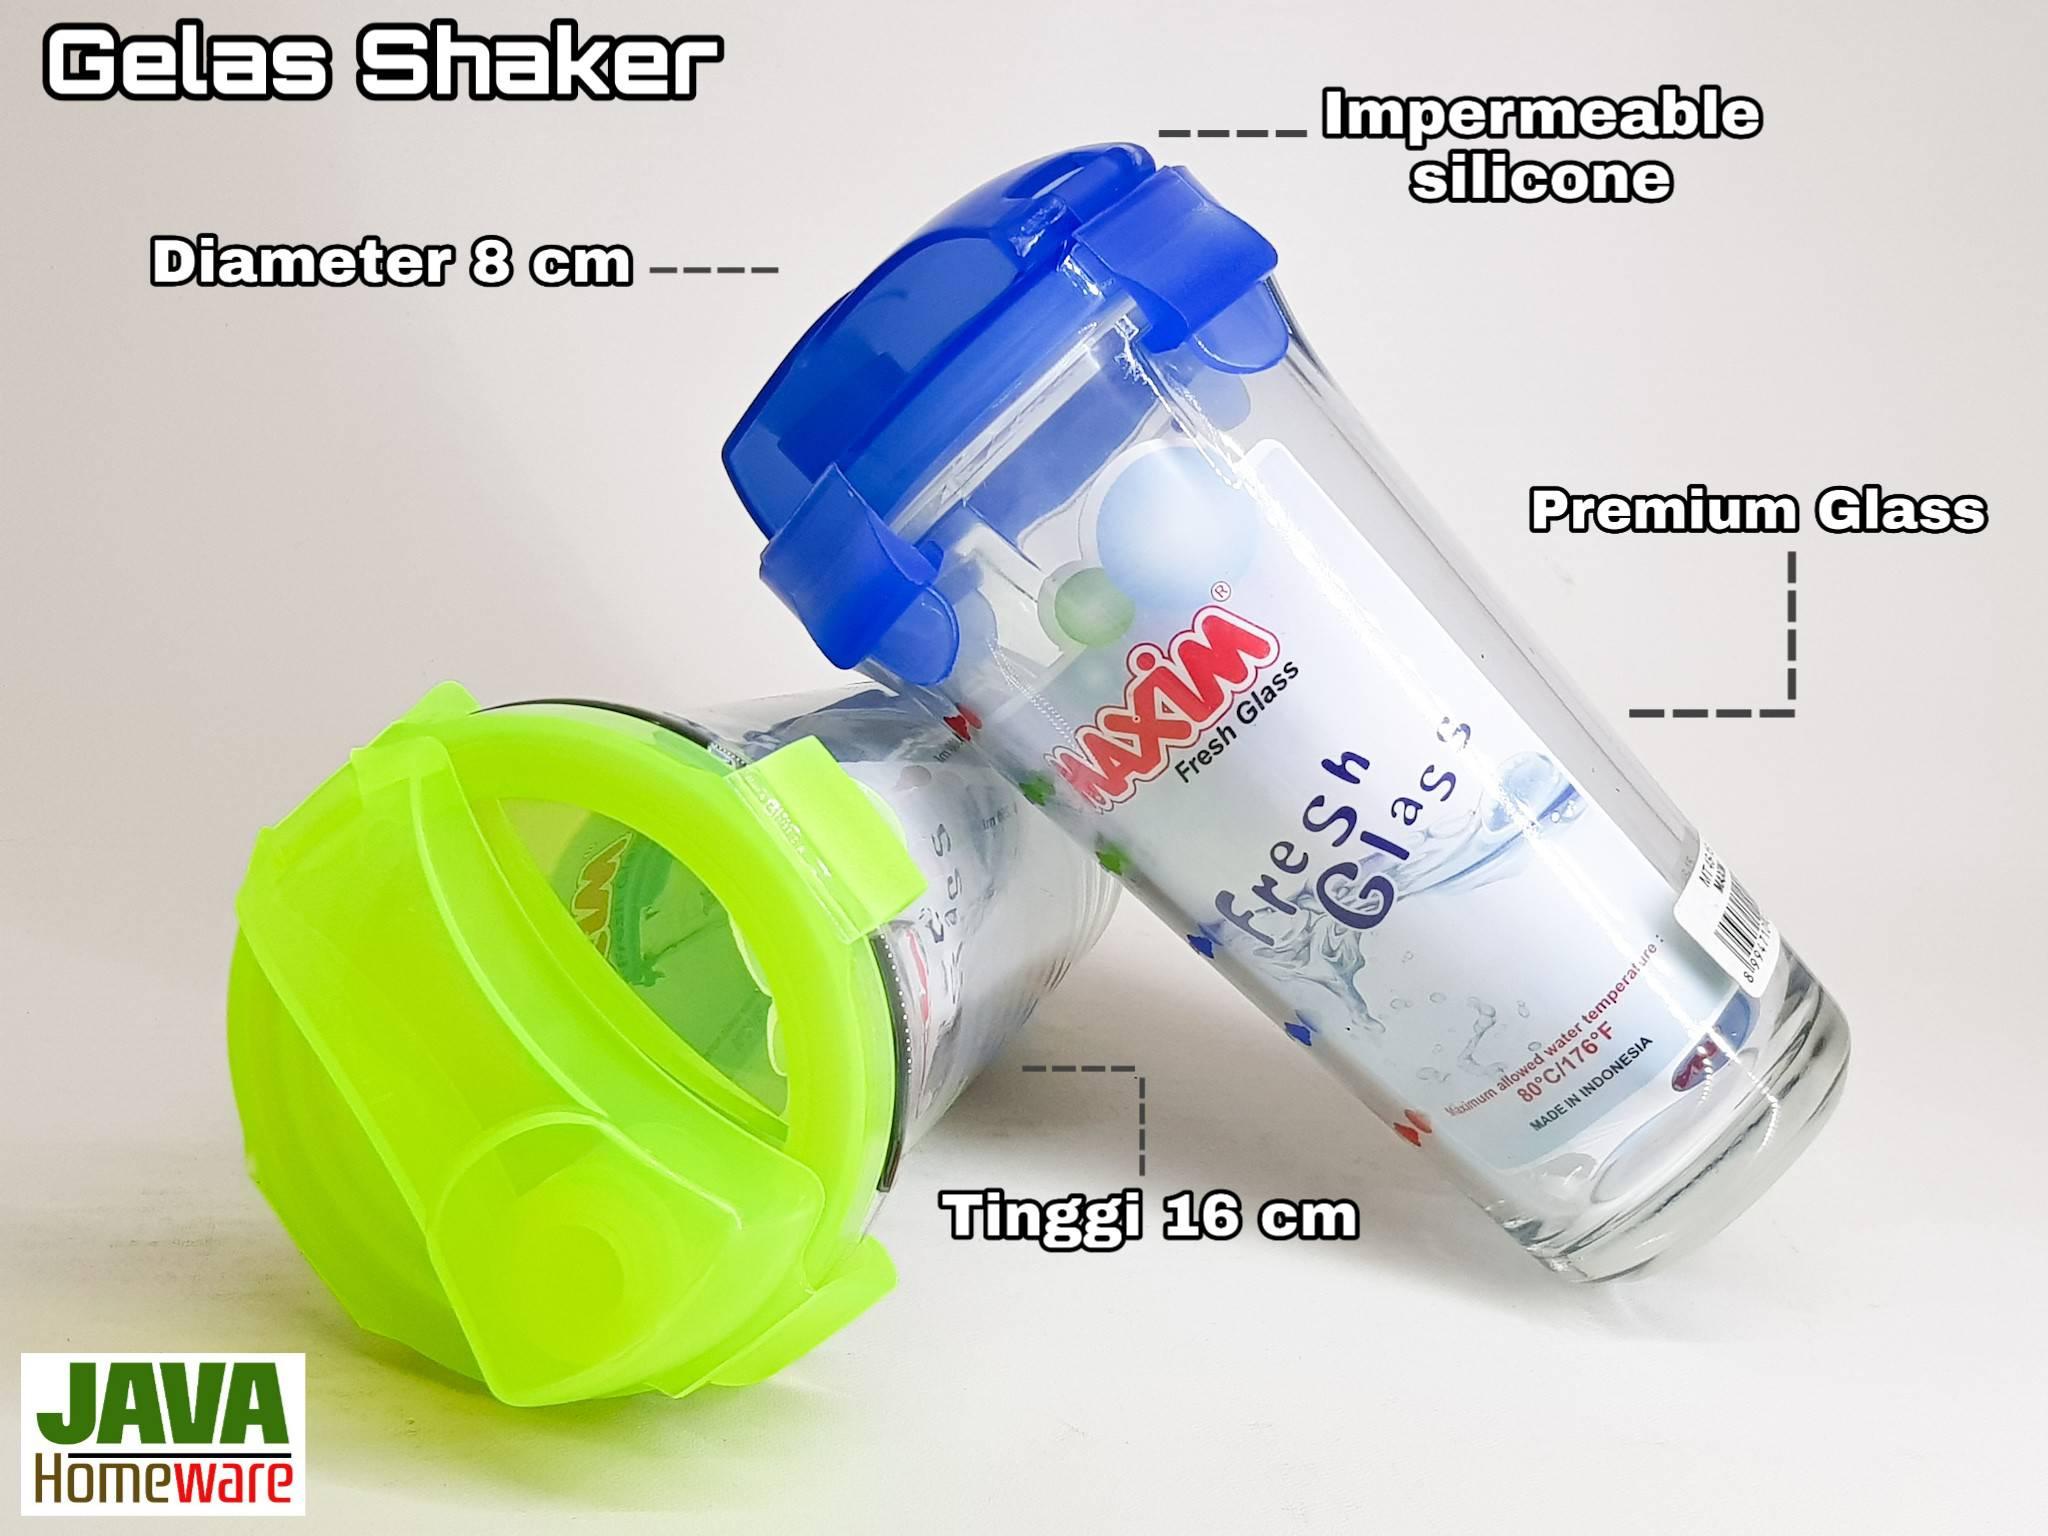 Gelas Shaker